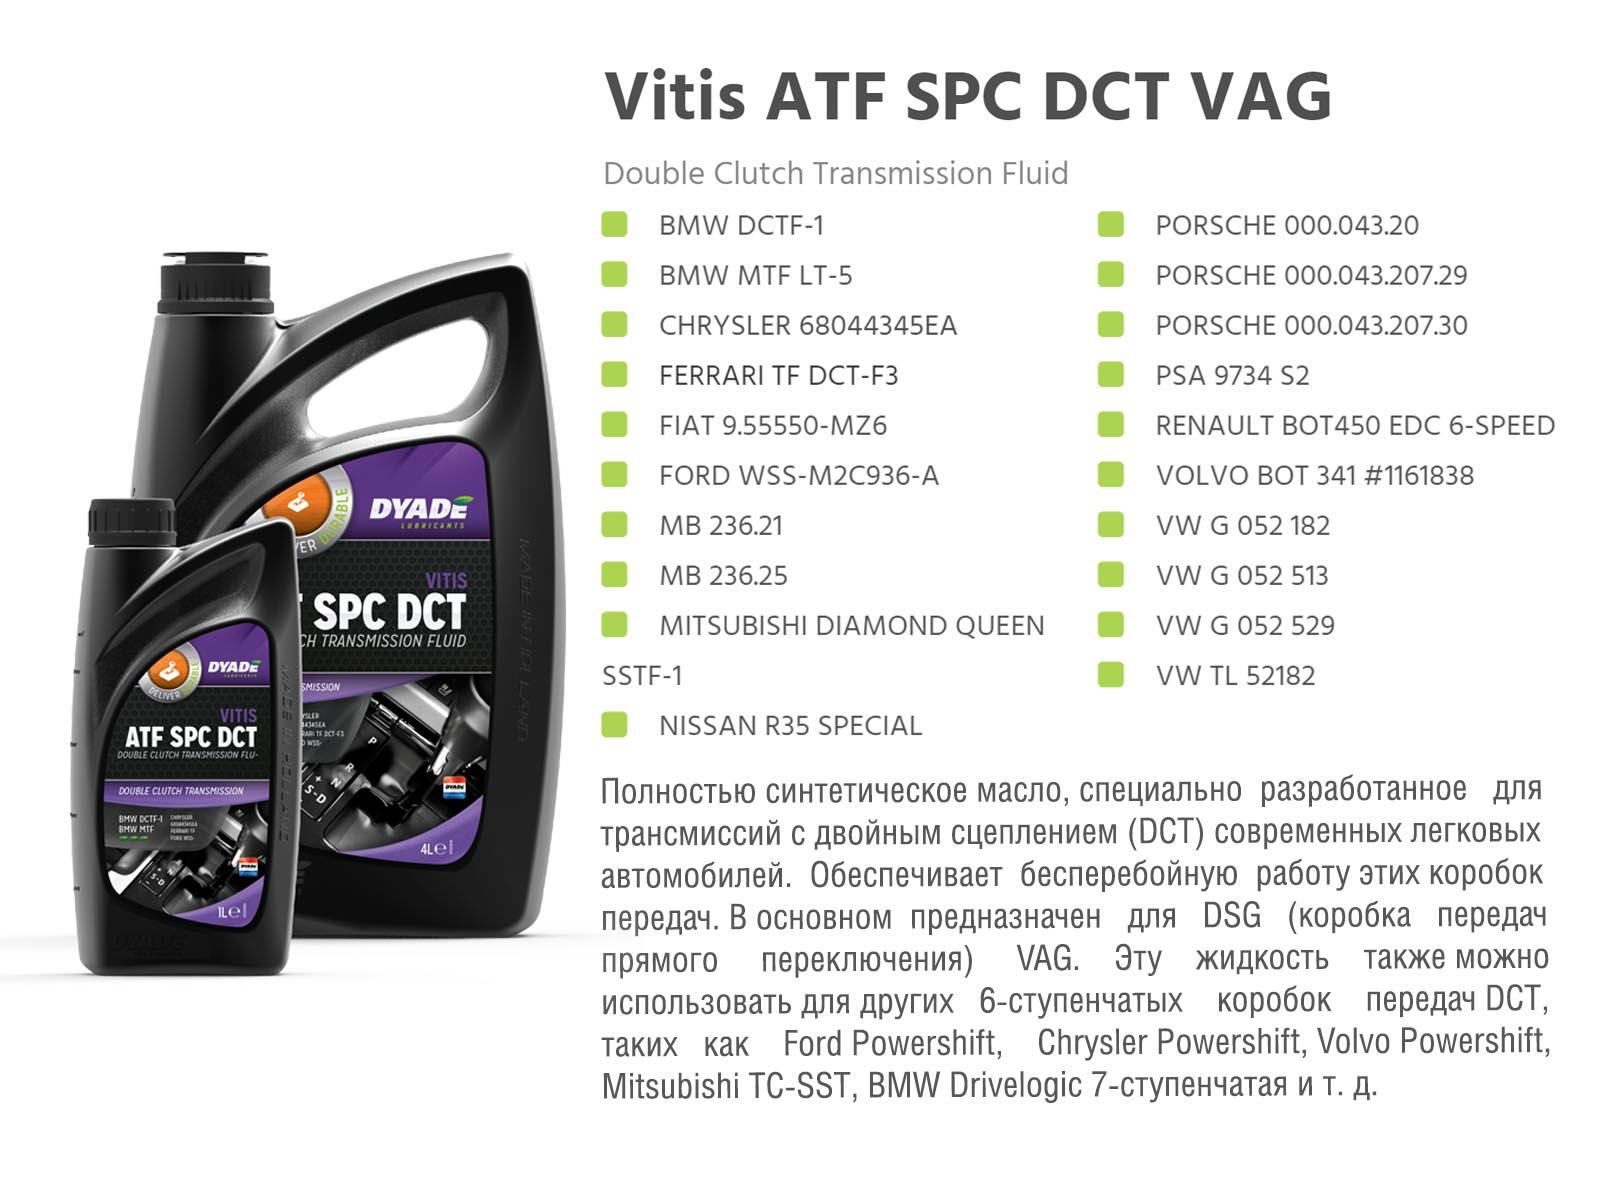 Масло трансмиссионное Vitis ATF SPC DCT VAG (1L) 081702 dyadelubricants